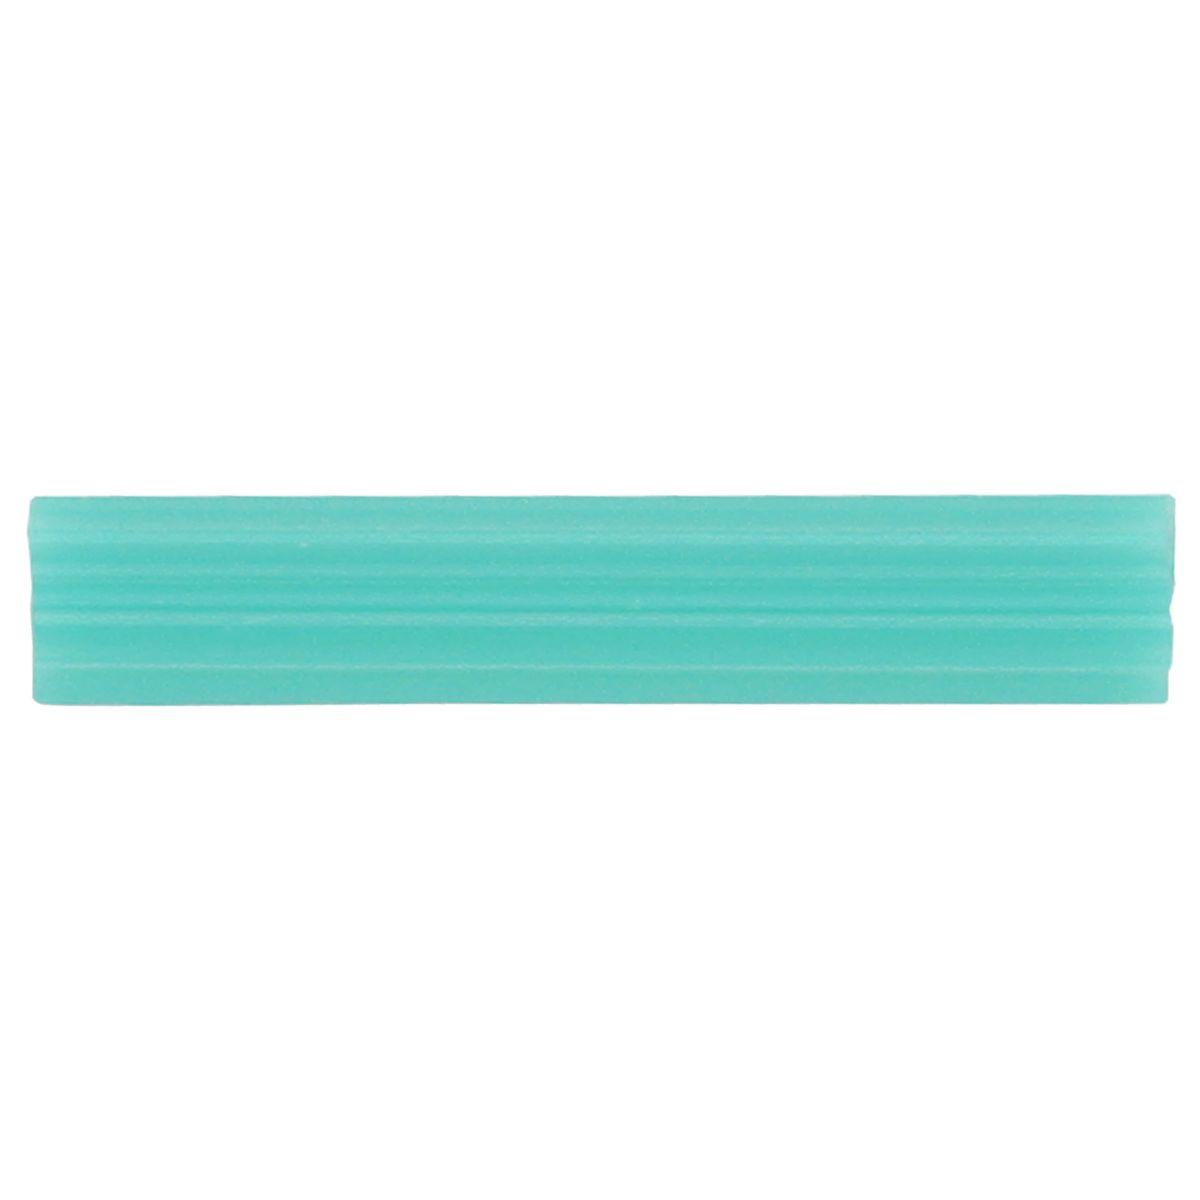 """#10-12 x 1"""" Fluted Screw Anchors — Plastic, 100/PKG"""